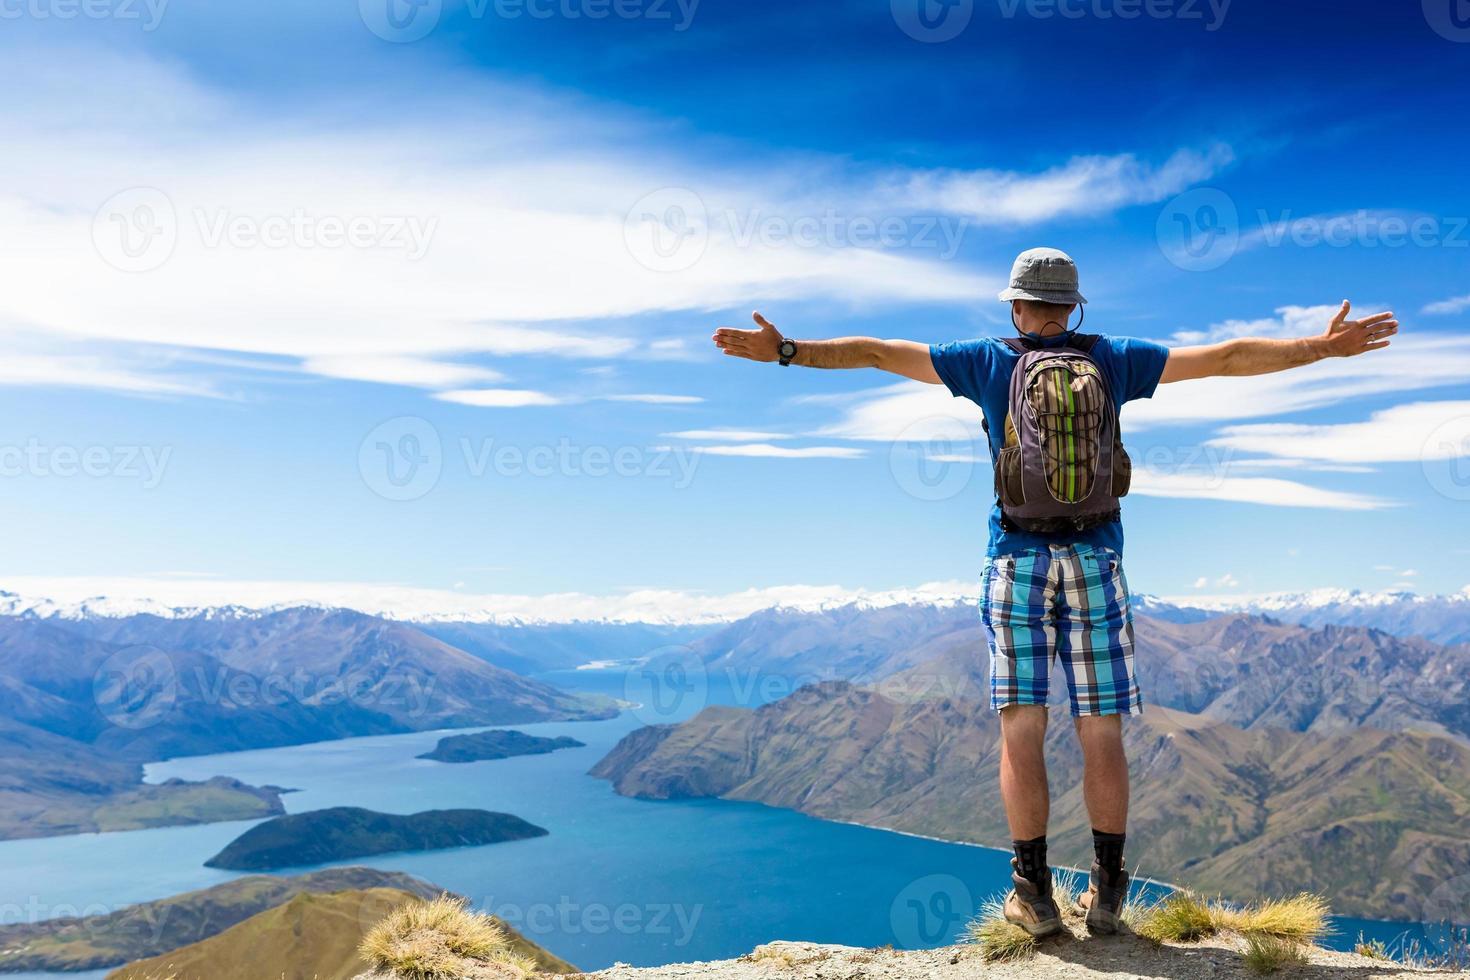 excursionista en la cima de una roca disfruta de un día soleado foto